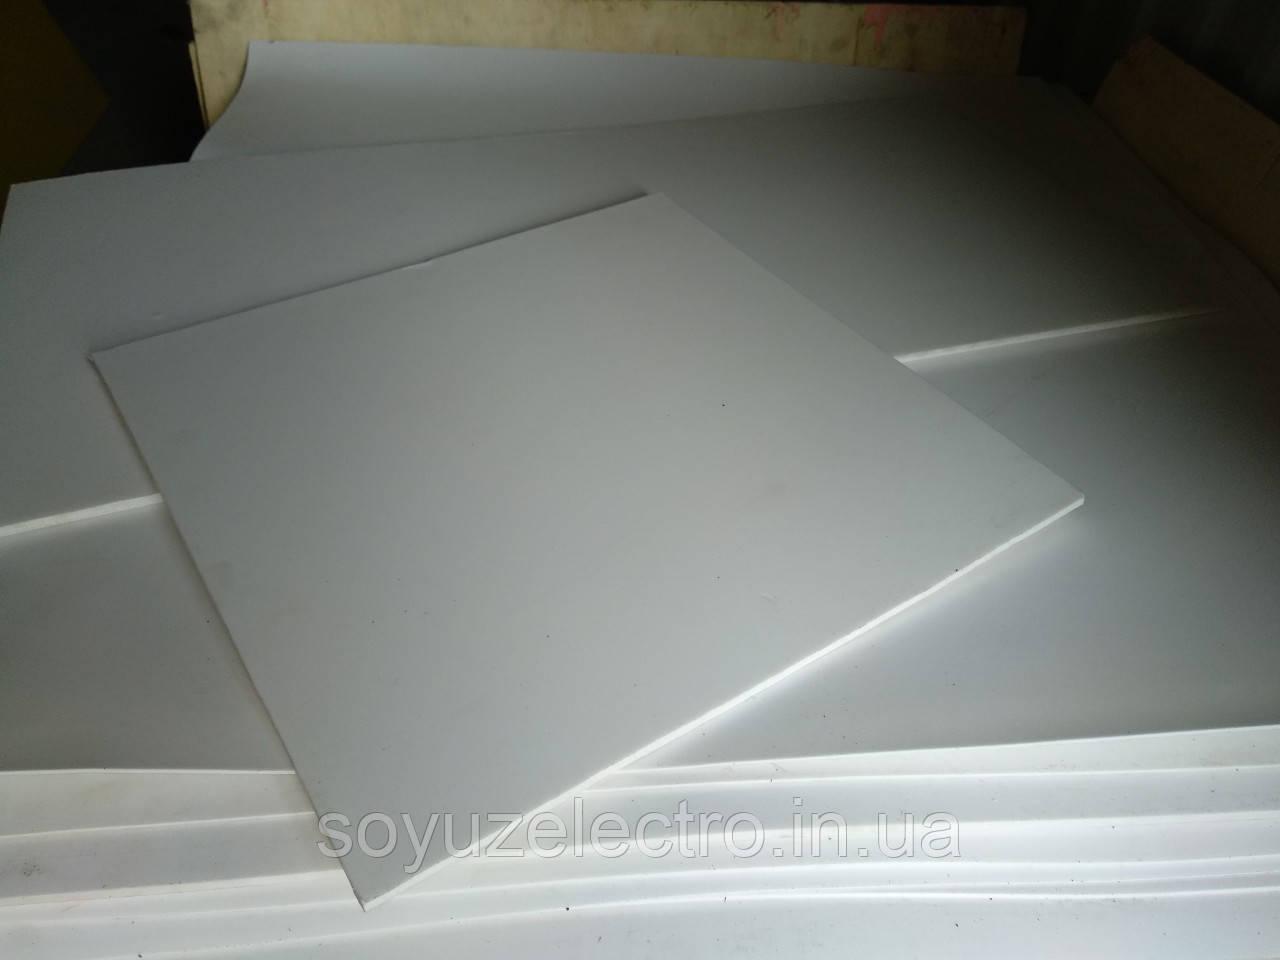 Фторопласт лист Ф4 30 мм 500х500 мм